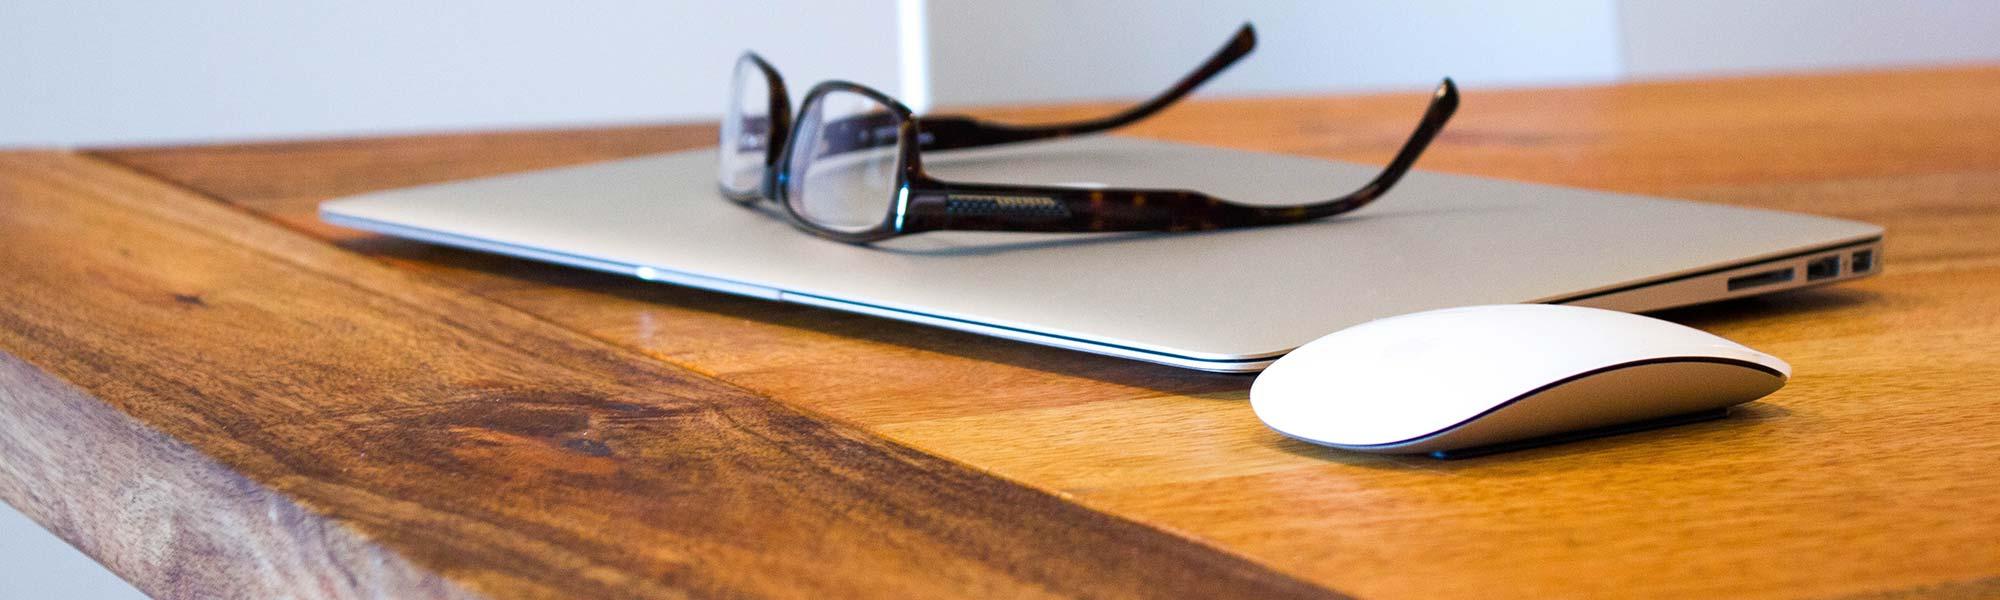 Webbdesigner ledig för nya uppdrag